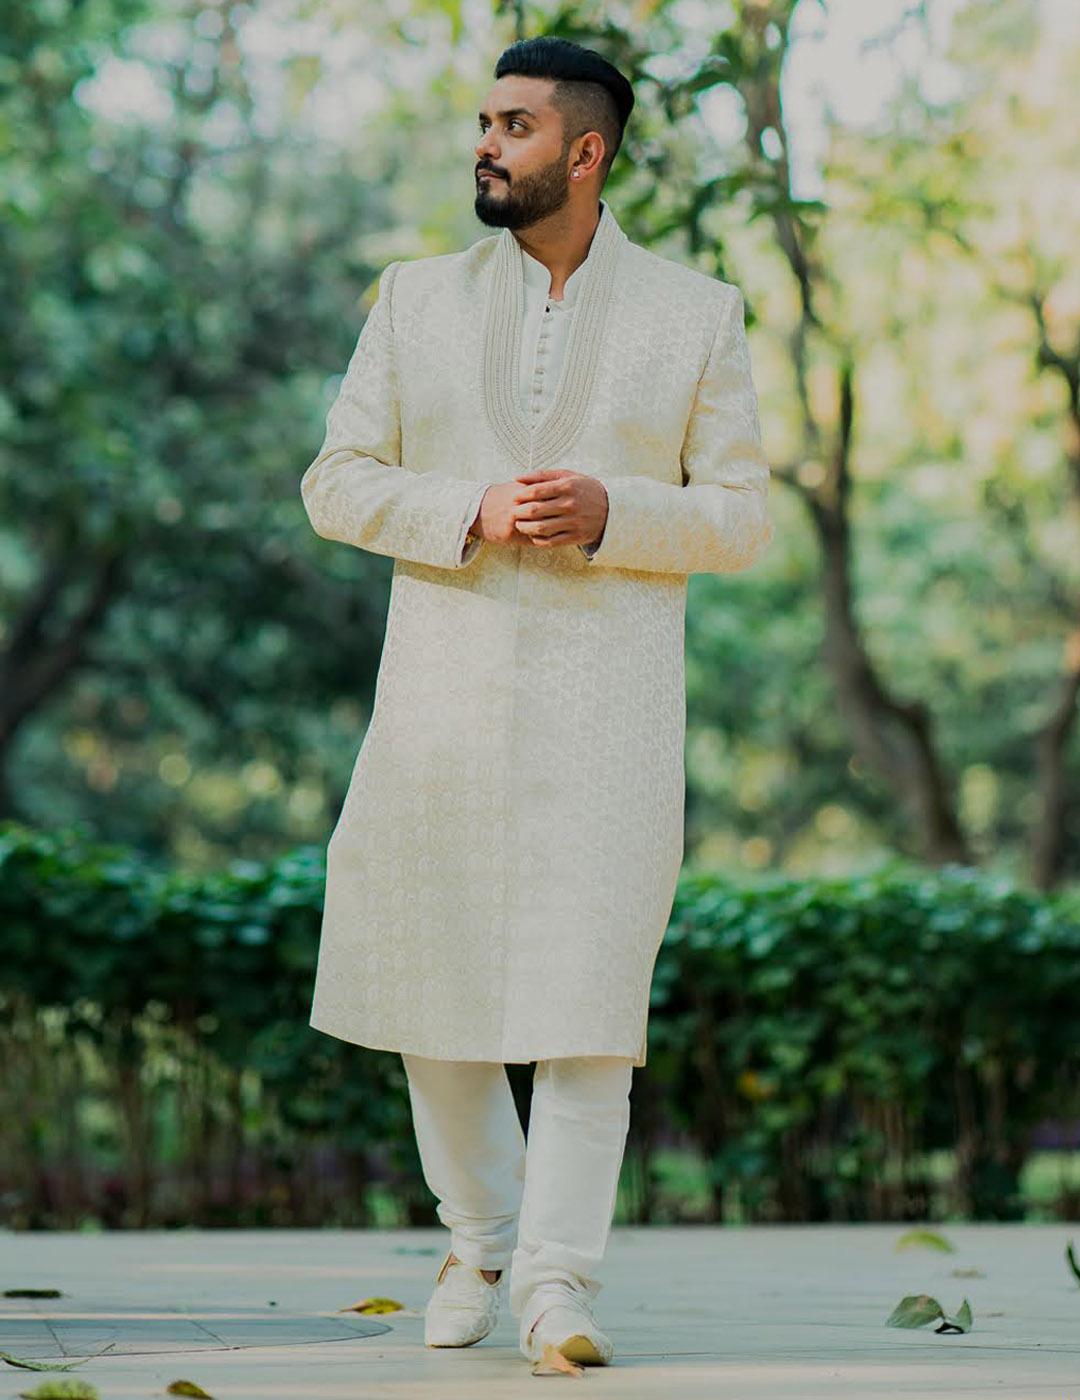 Manav Ethnic Happy Customer wearing Royal Cream Sherwani